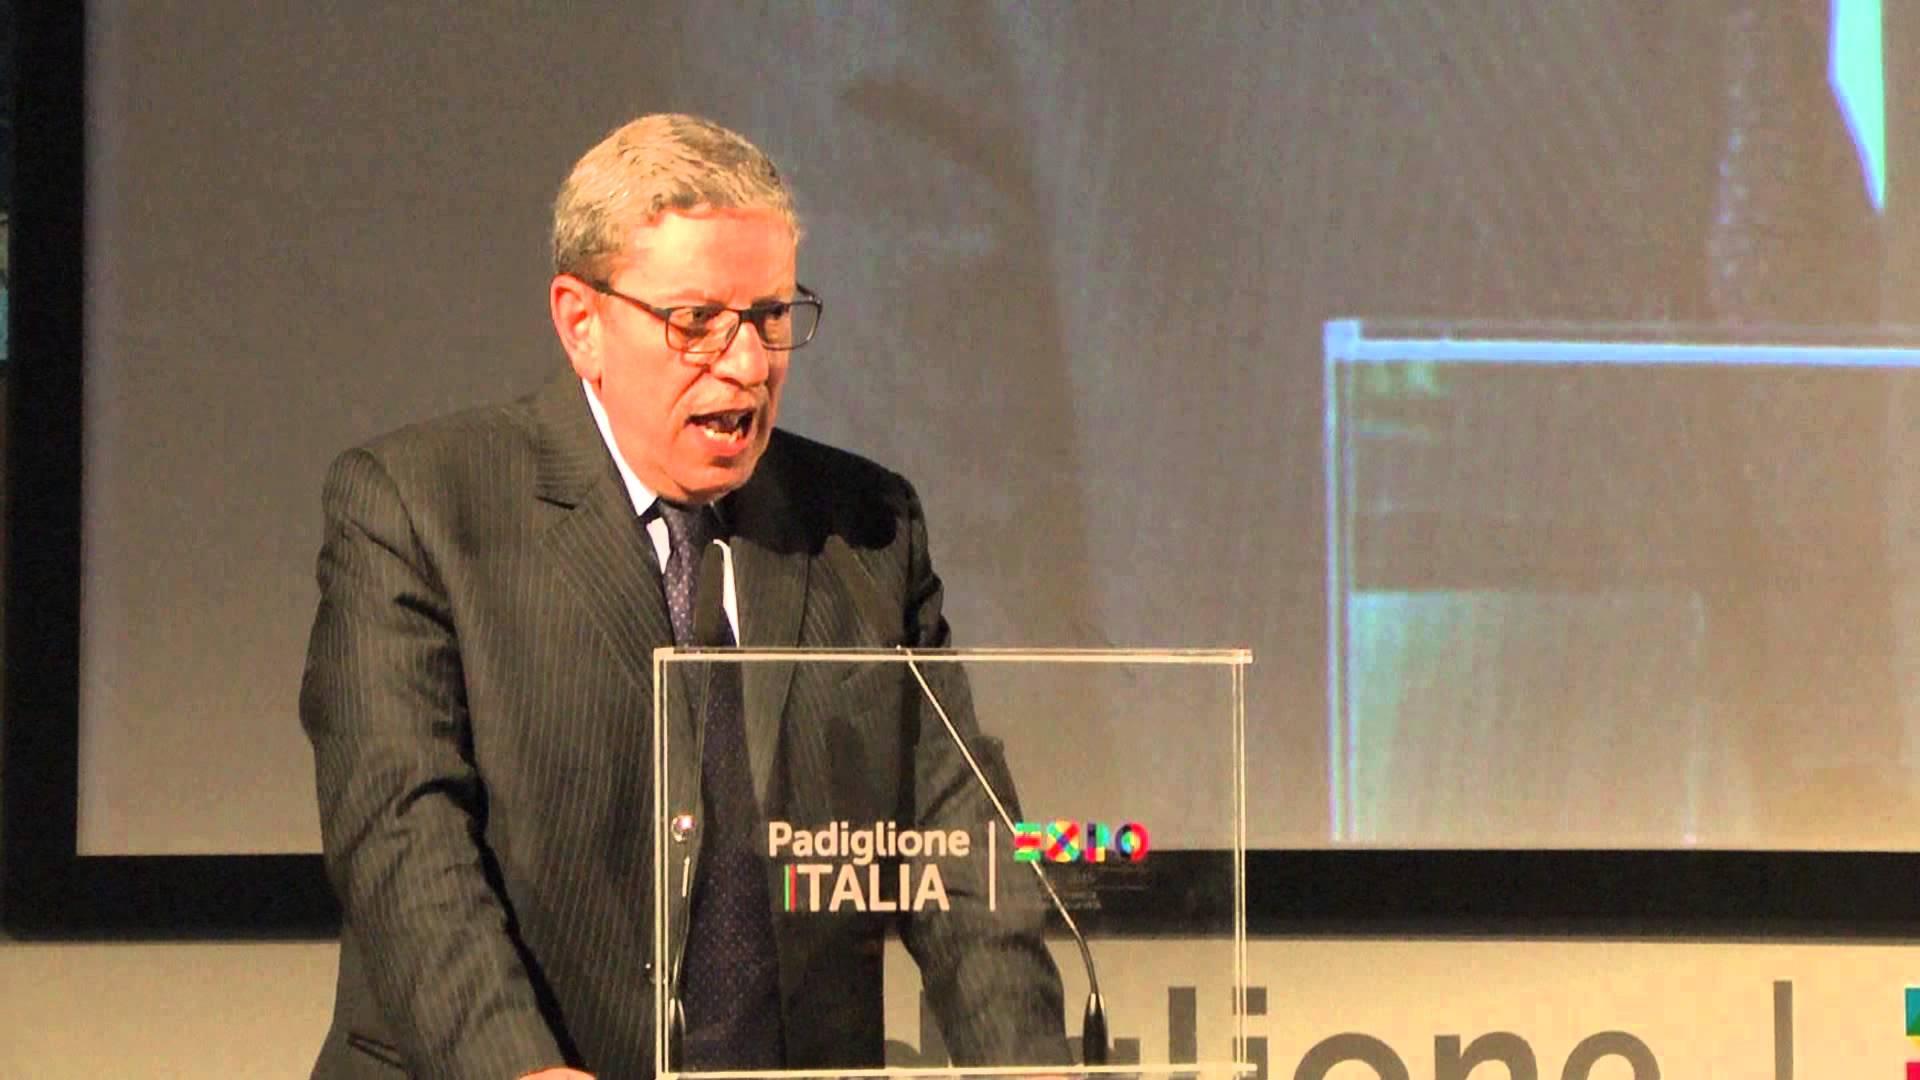 Expo, indagato il responsabile unico del Padiglione Italia Antonio Acerbo per appalti truccati